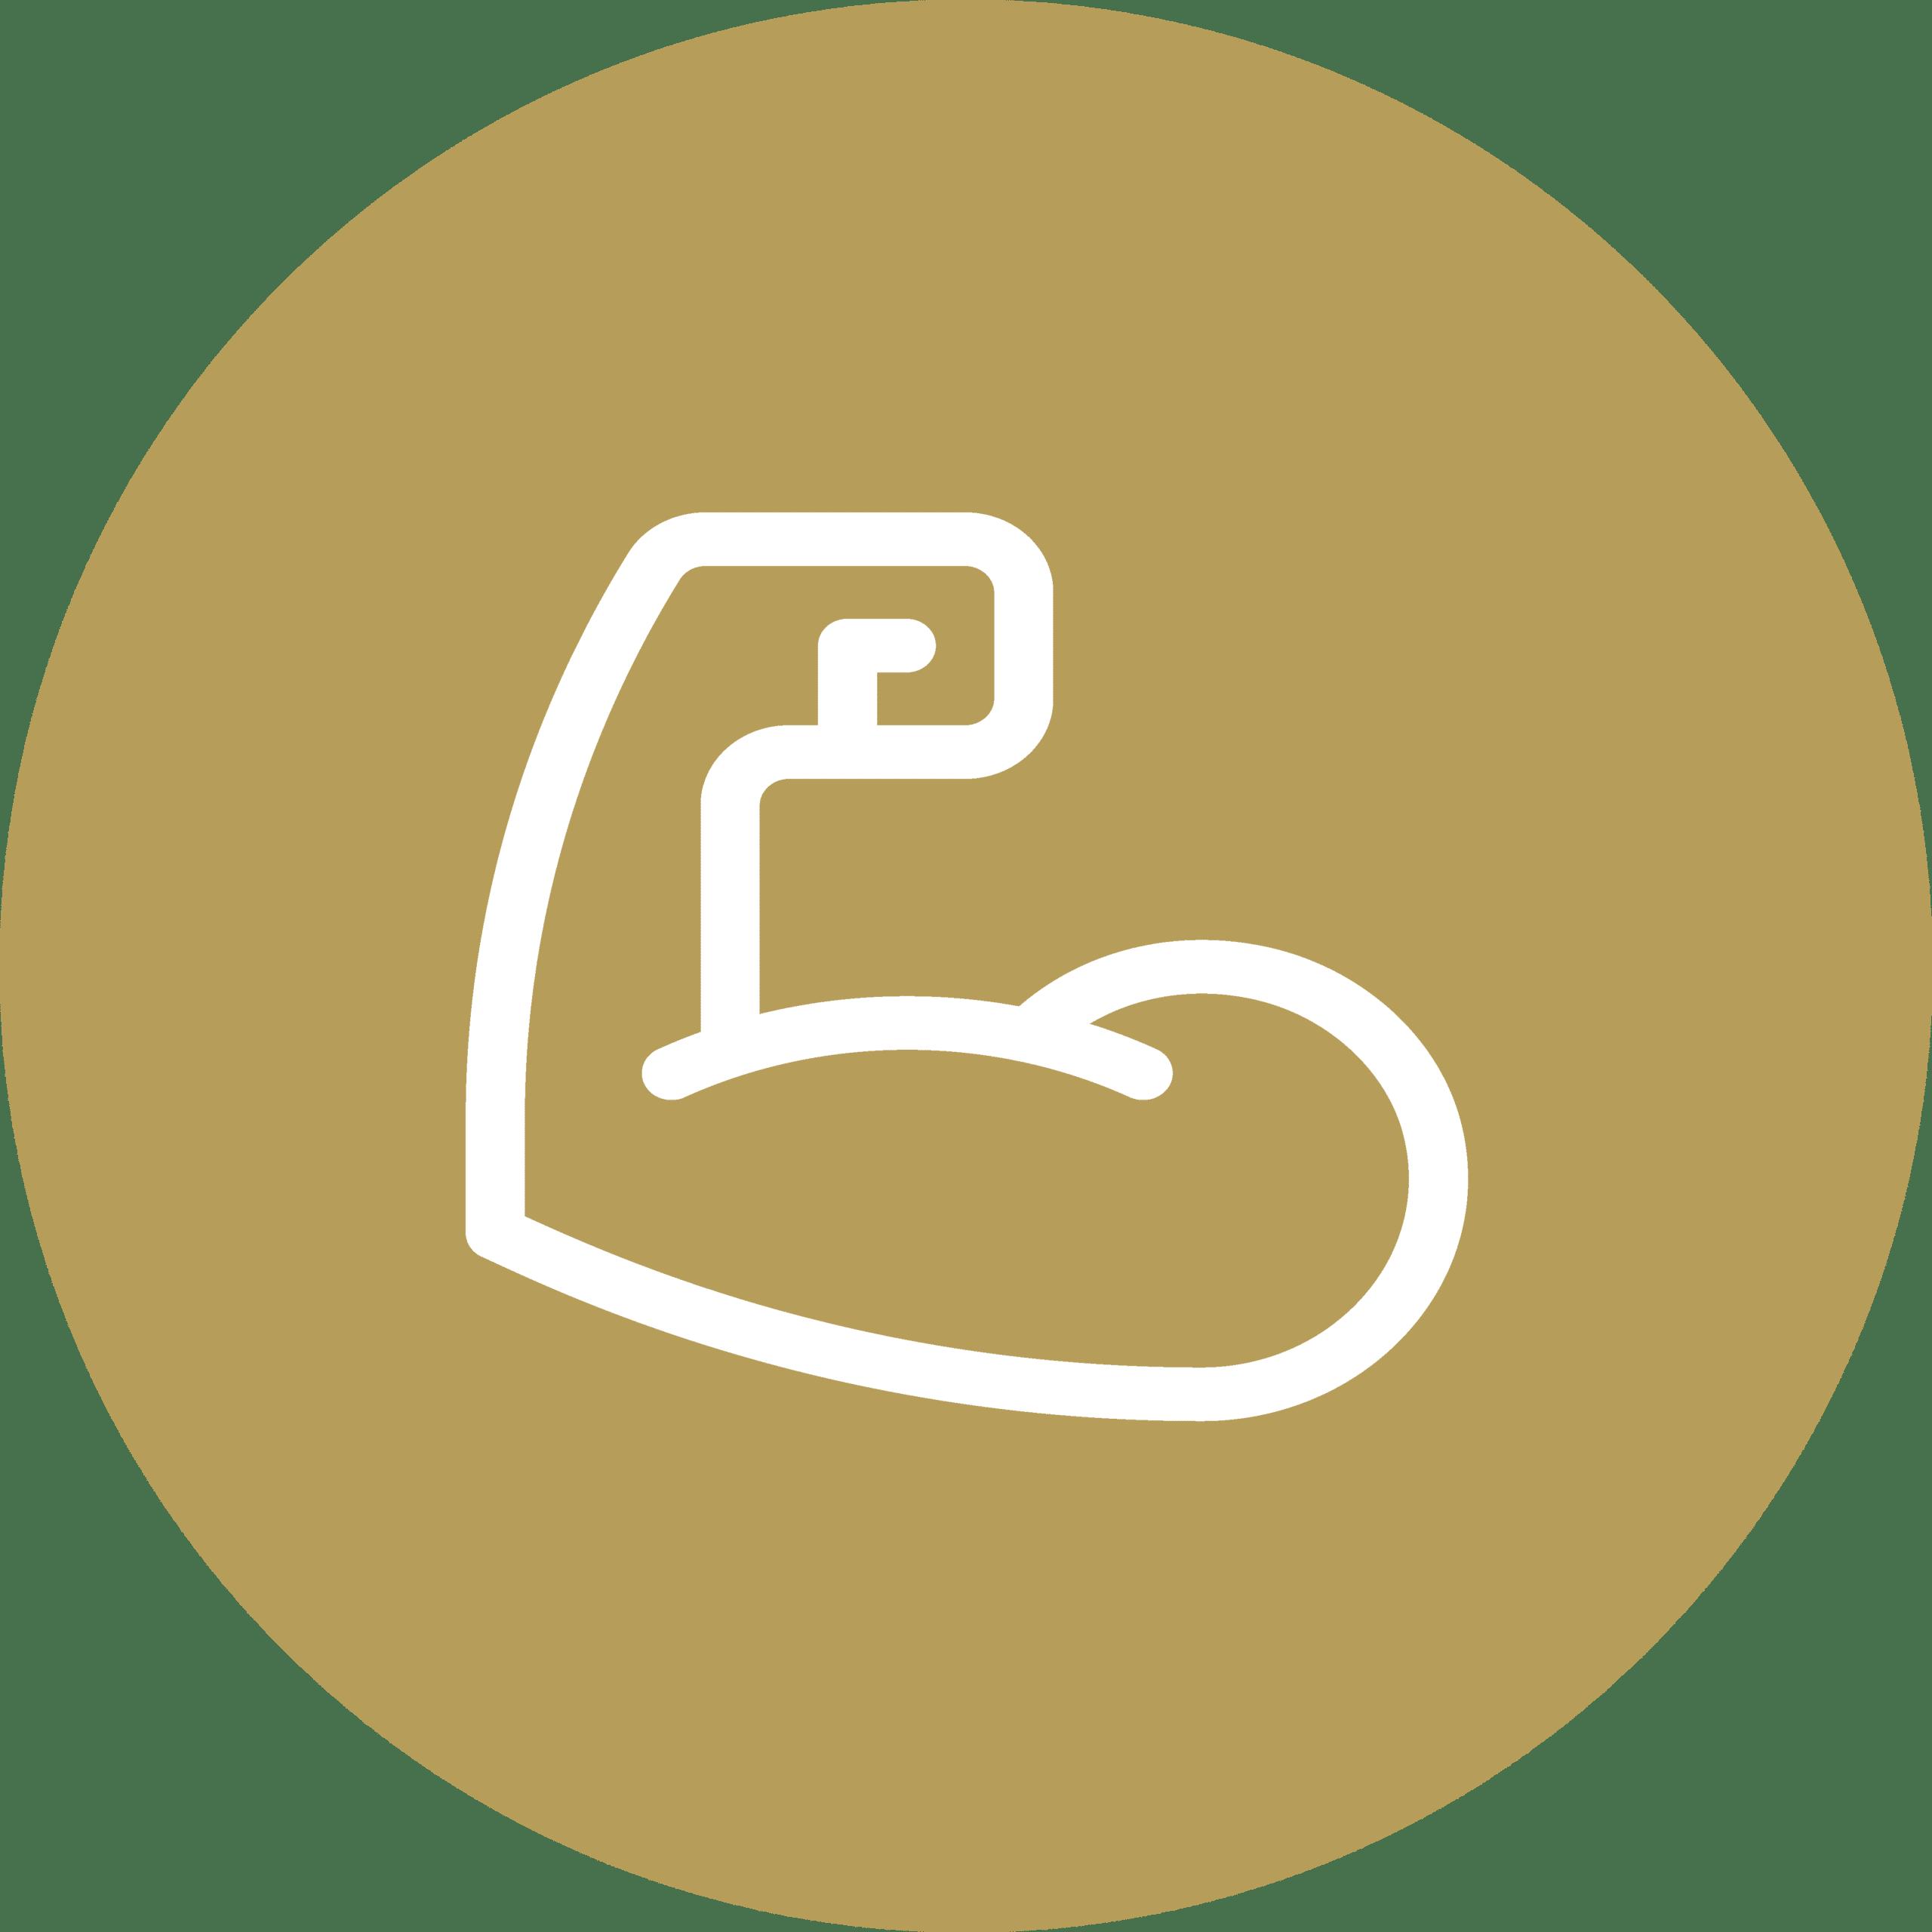 spierbal icoon